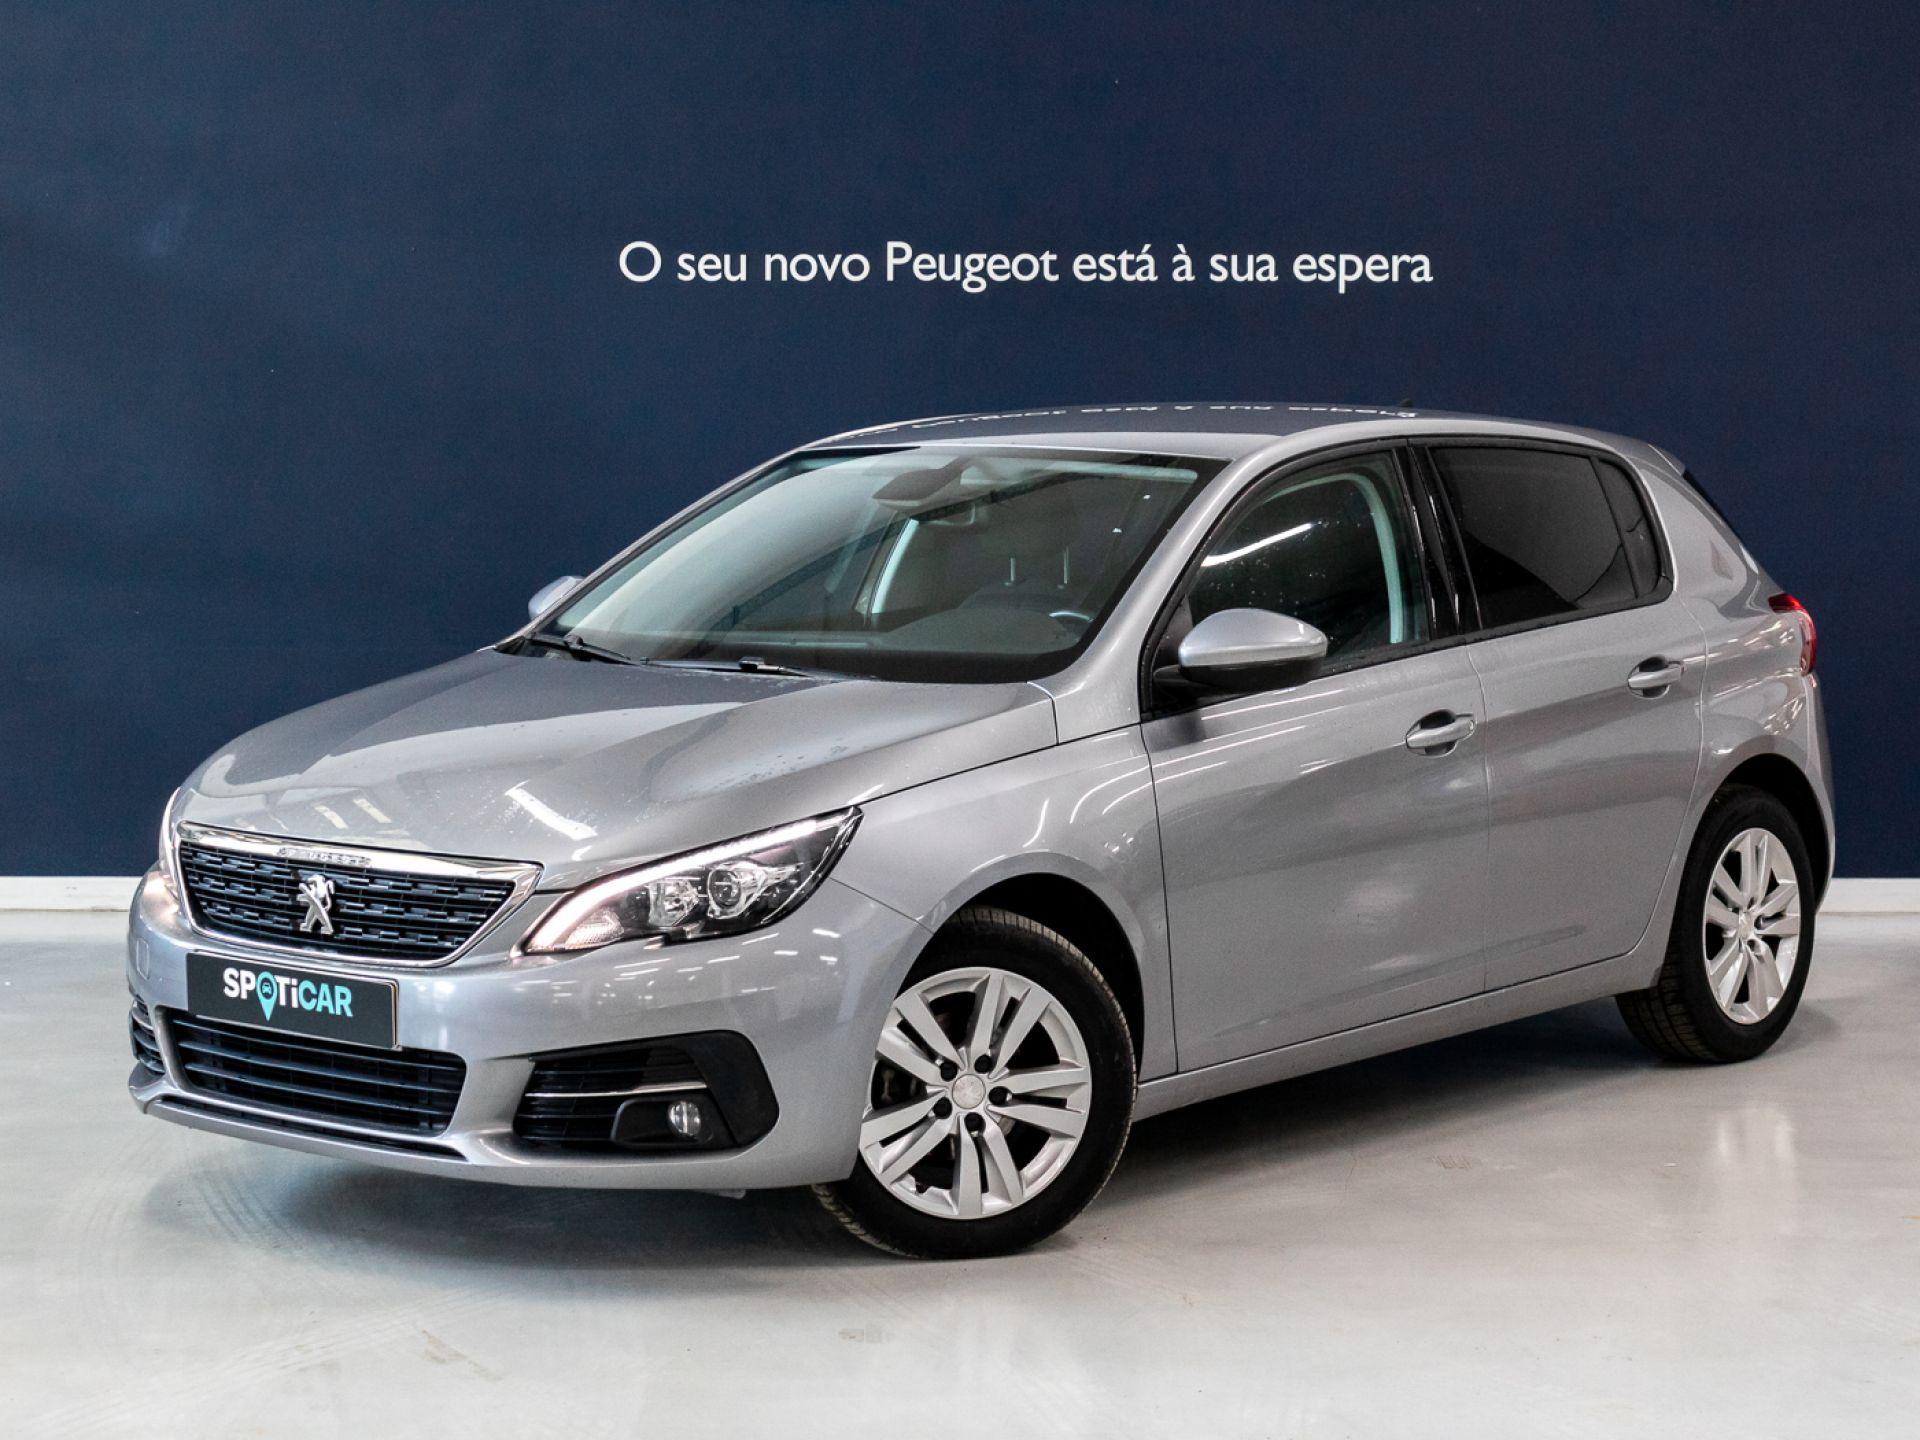 Peugeot 308 Active 1.6 BlueHDi 100cv CVM5 segunda mão Setúbal